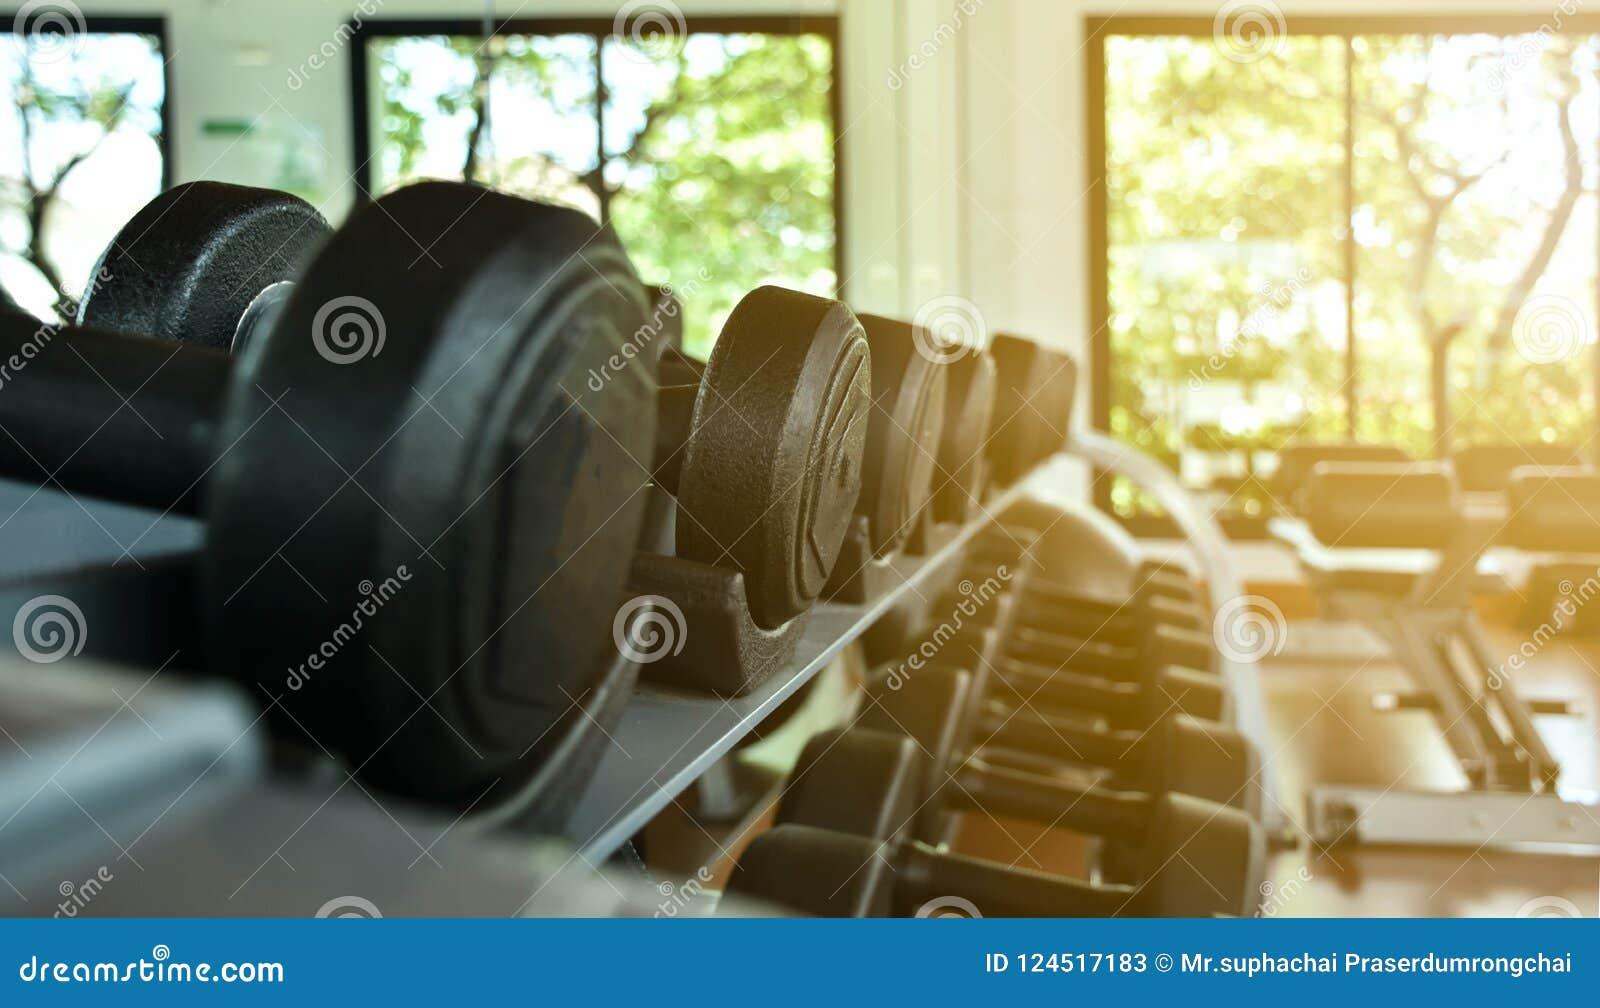 Os pesos encontram-se em seguido na cremalheira do inventário no gym ou no fitness center